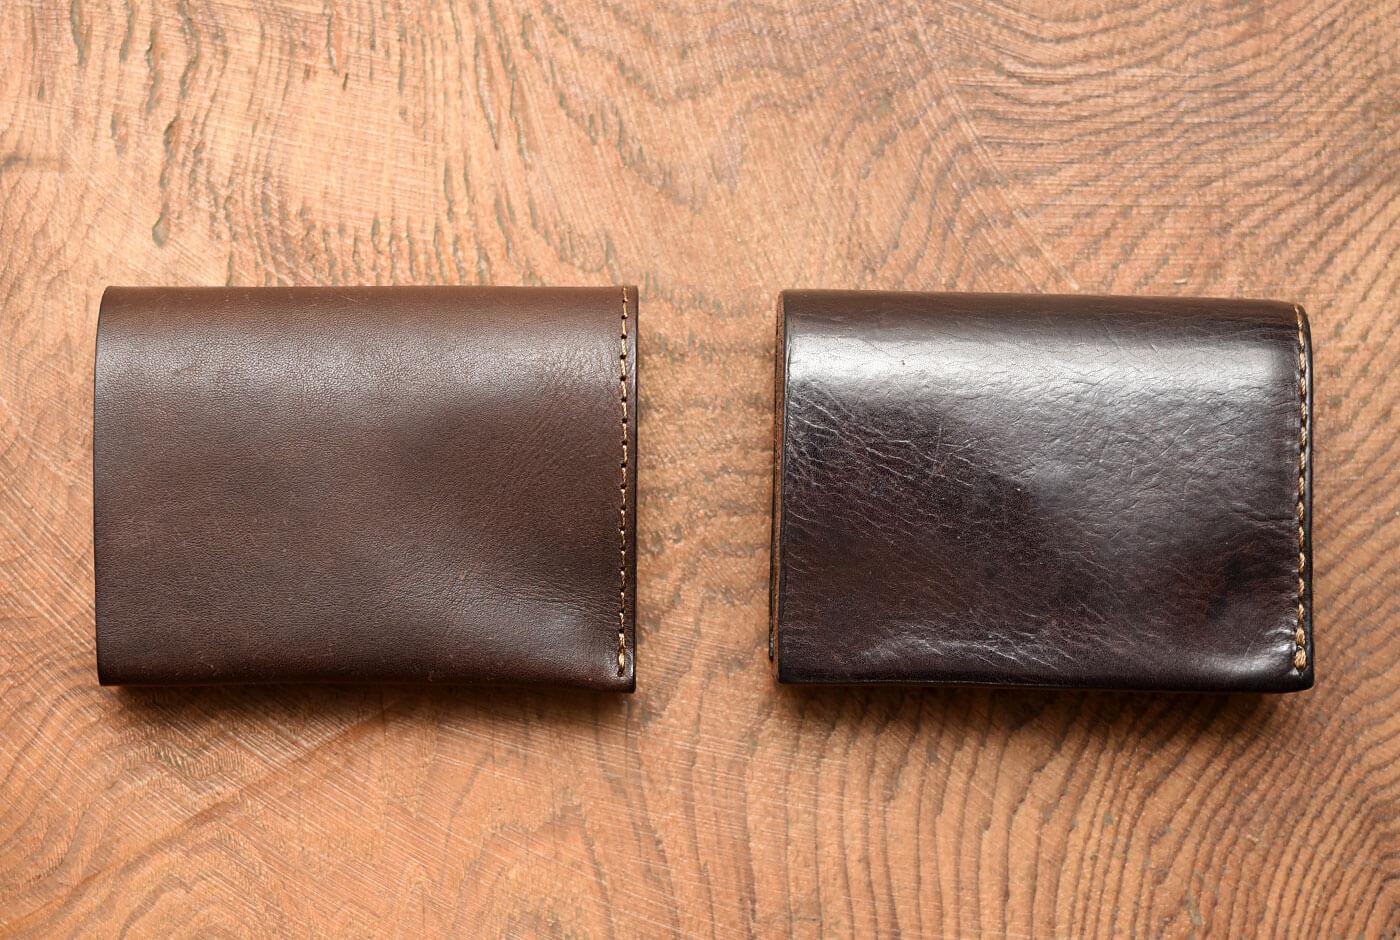 小型のマチ付き二つ折り財布 エイジング比較